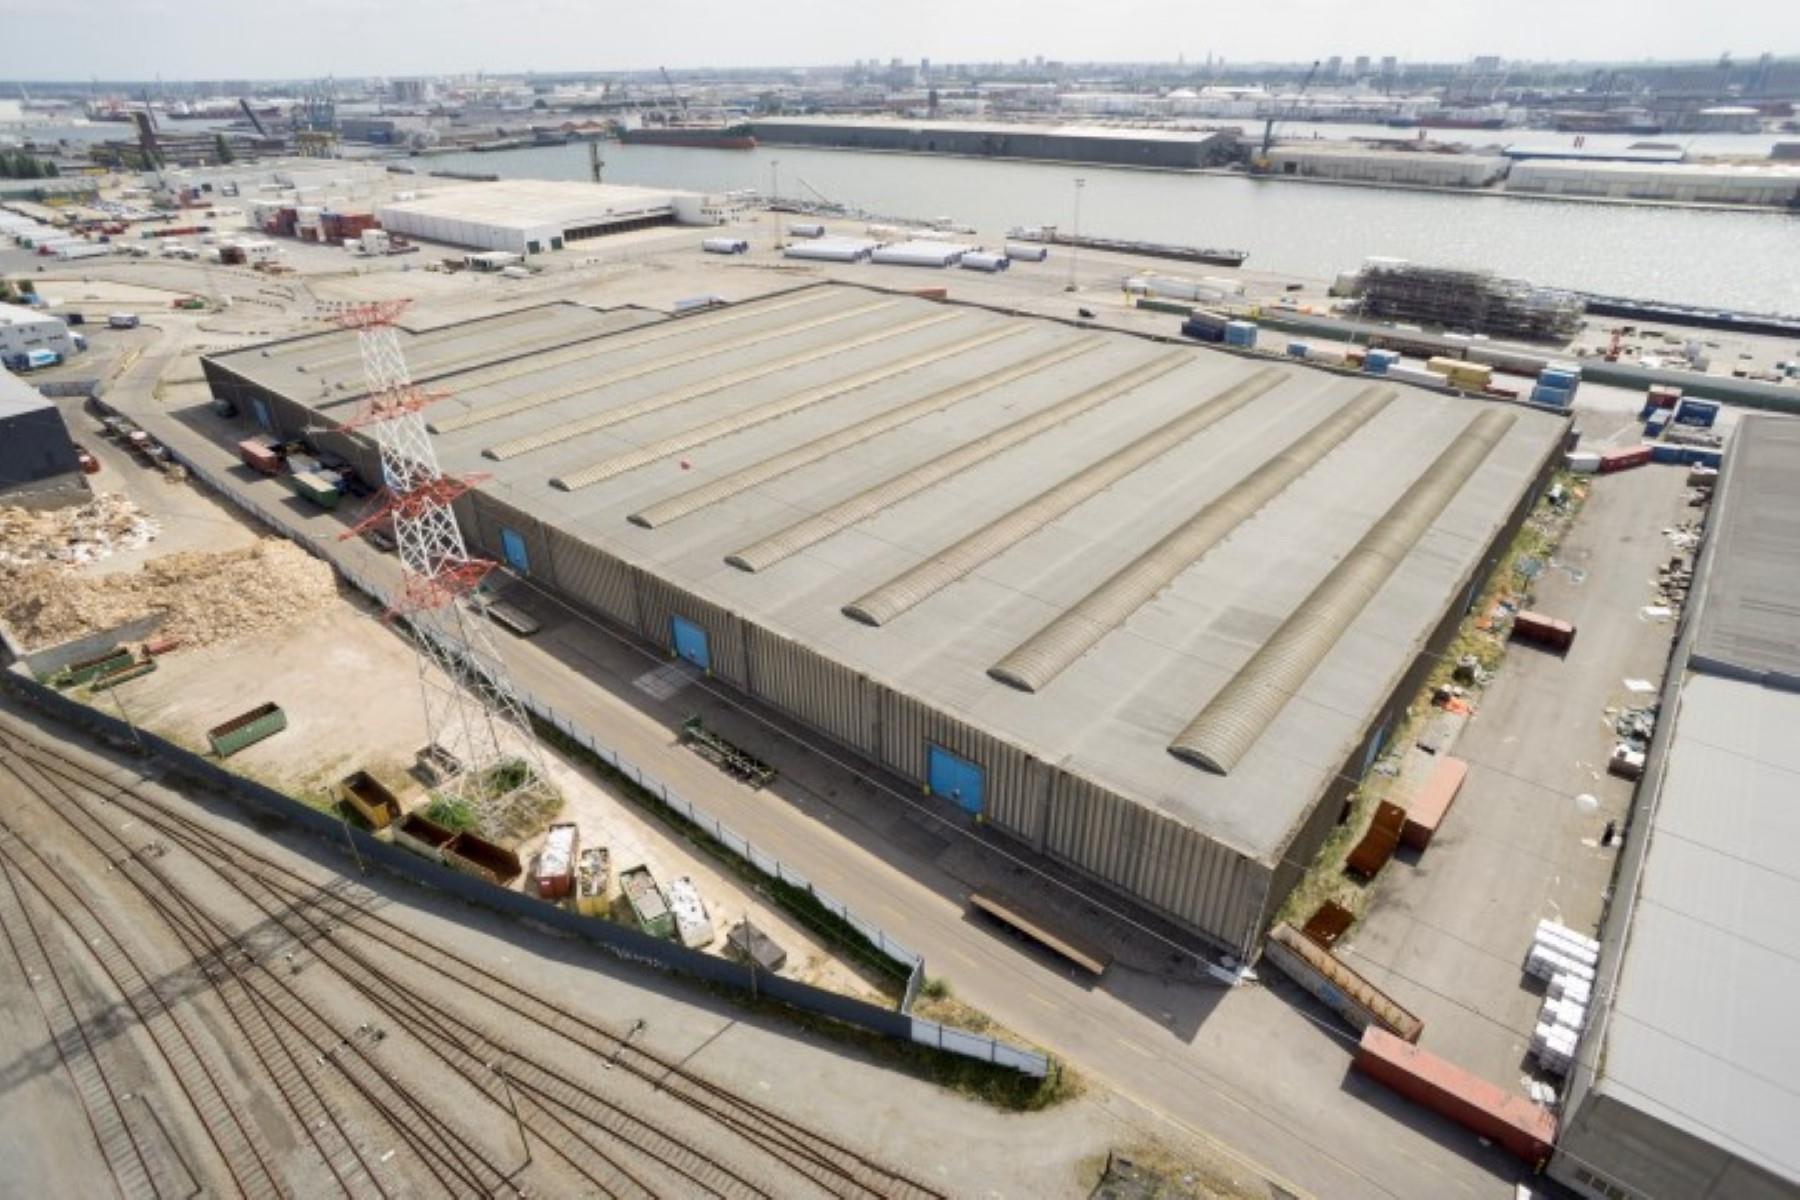 opslagplaats te huur Buitenterrein in de haven Antwerpen - Rostockweg 1, 2030, België 2